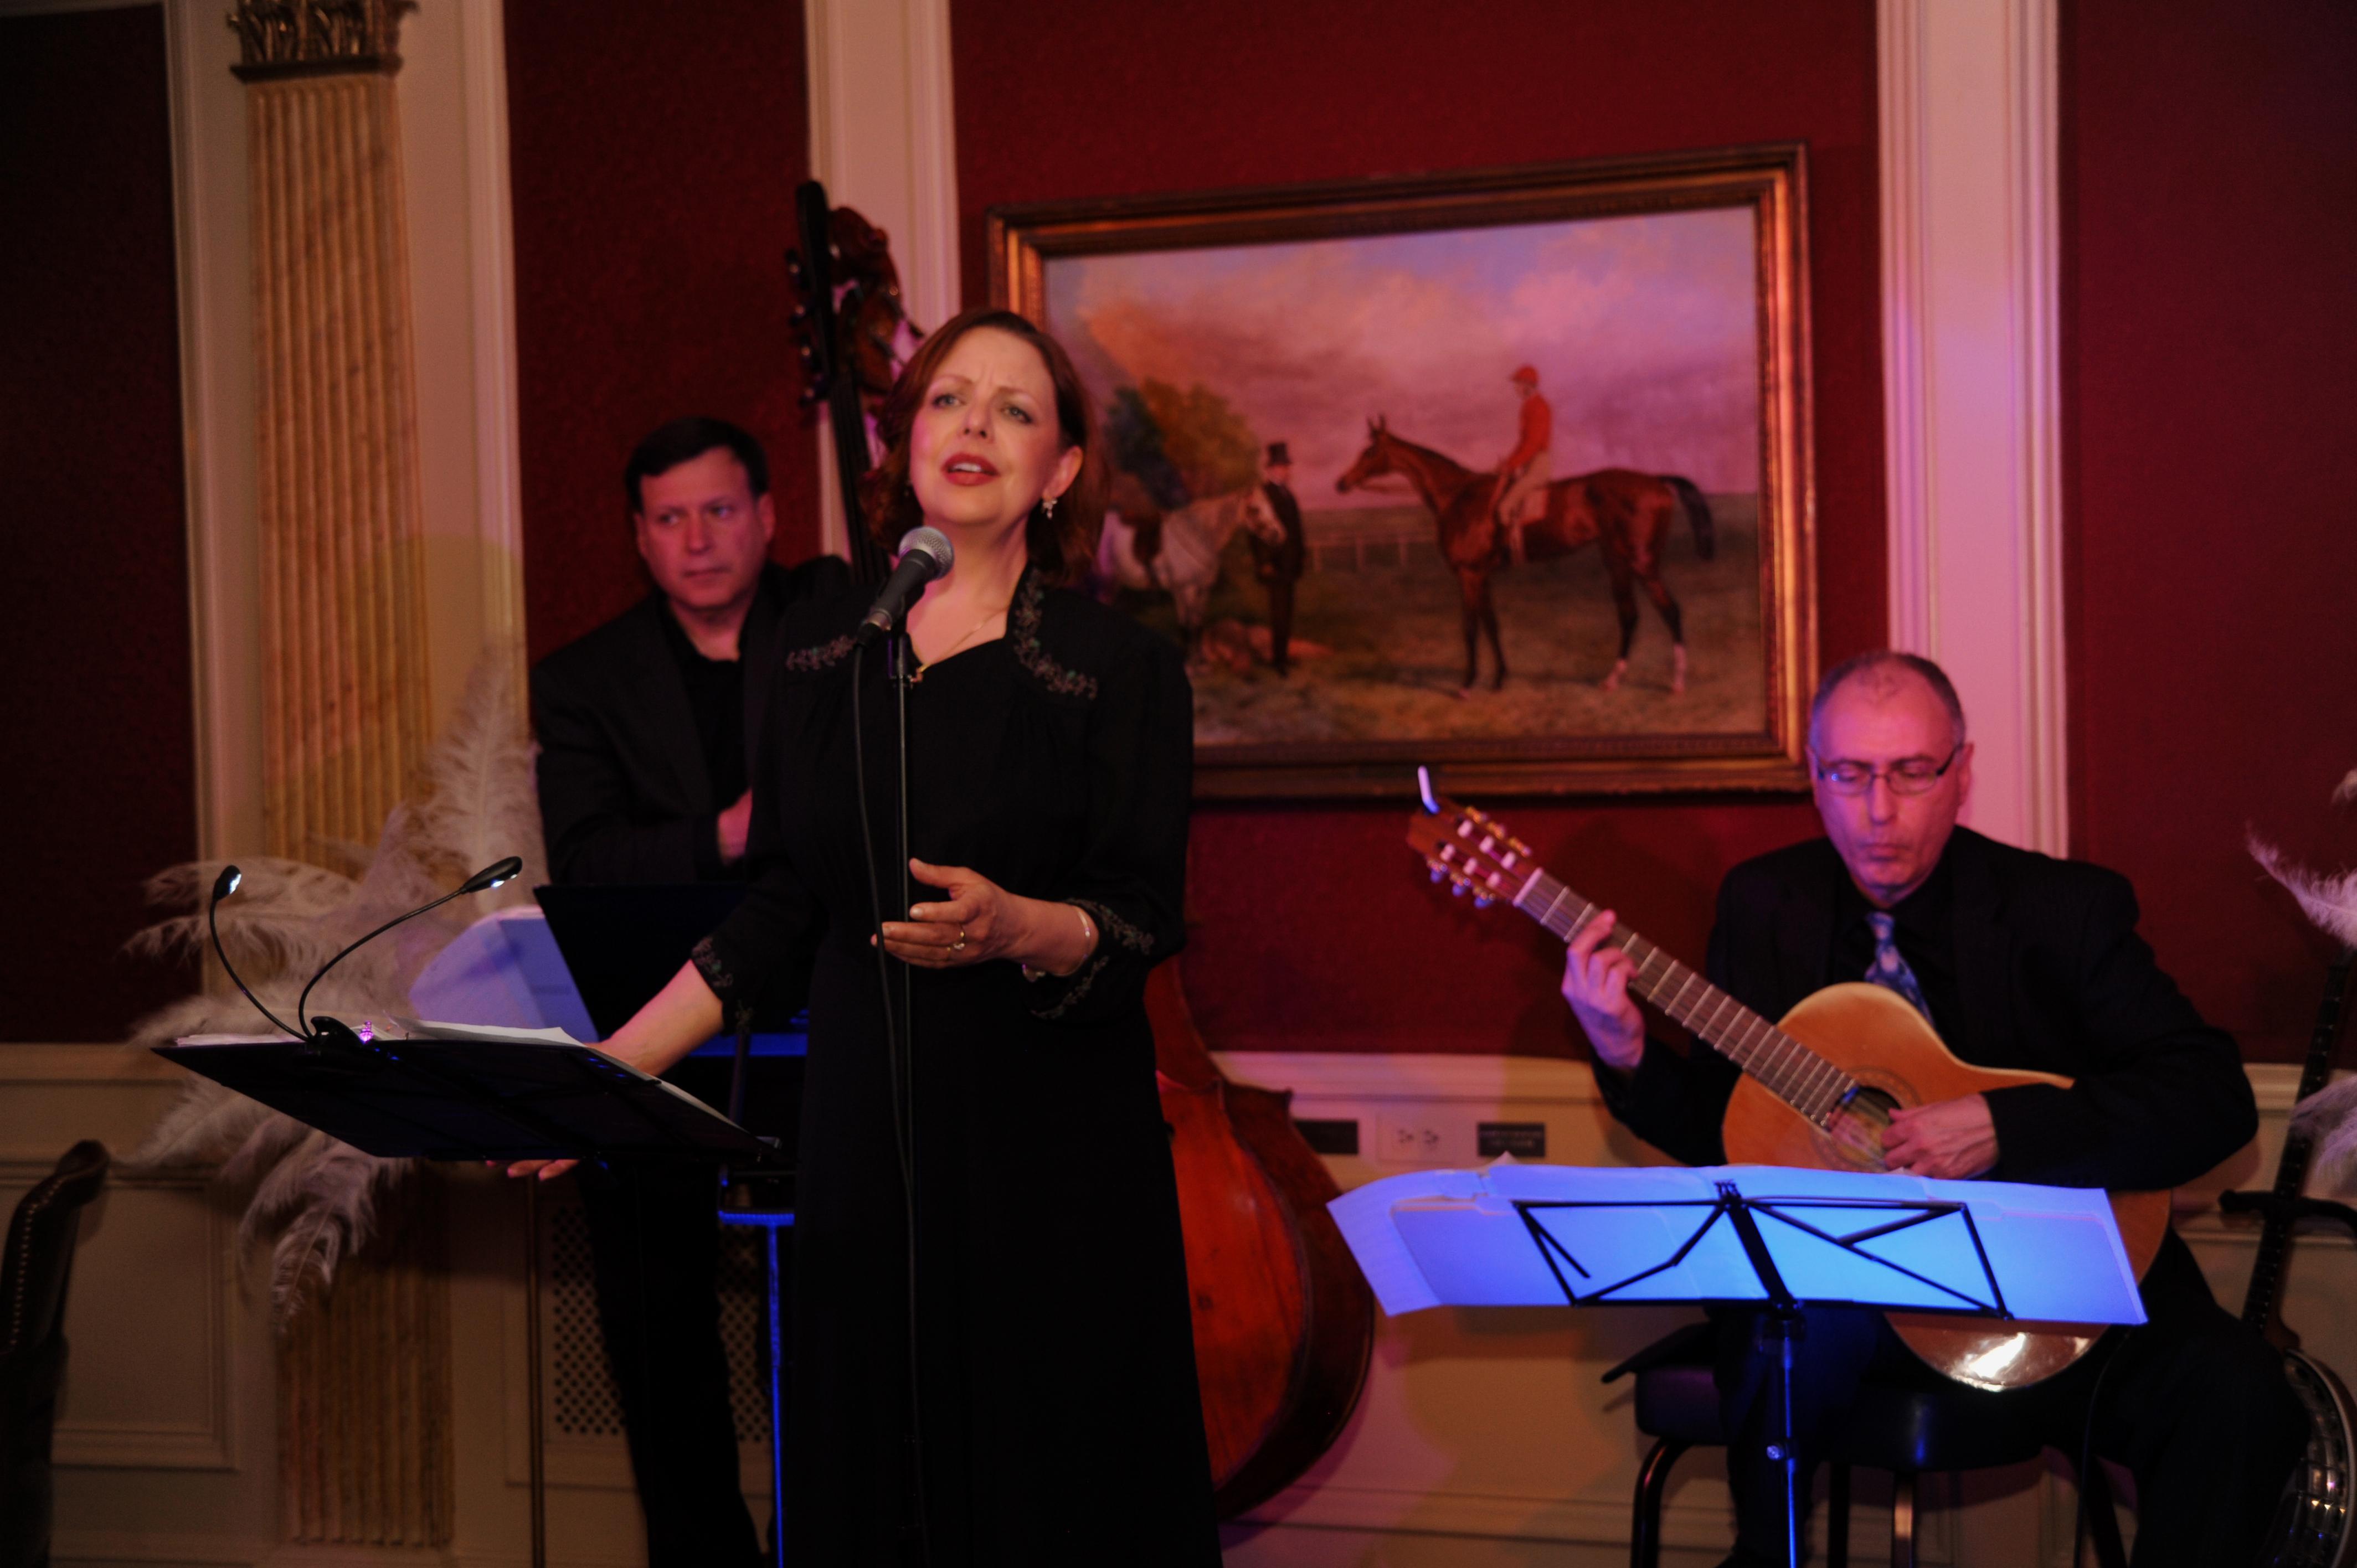 Jeff Mangone, Daphne Alderson, and John Marcinizyn